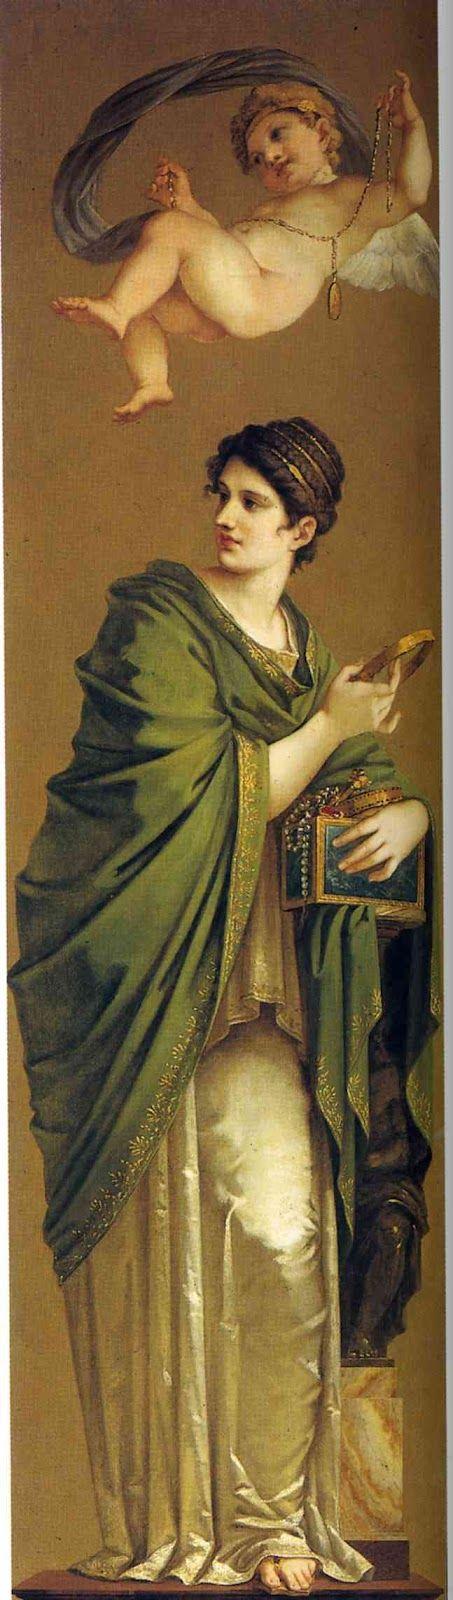 La Richesse, 1808